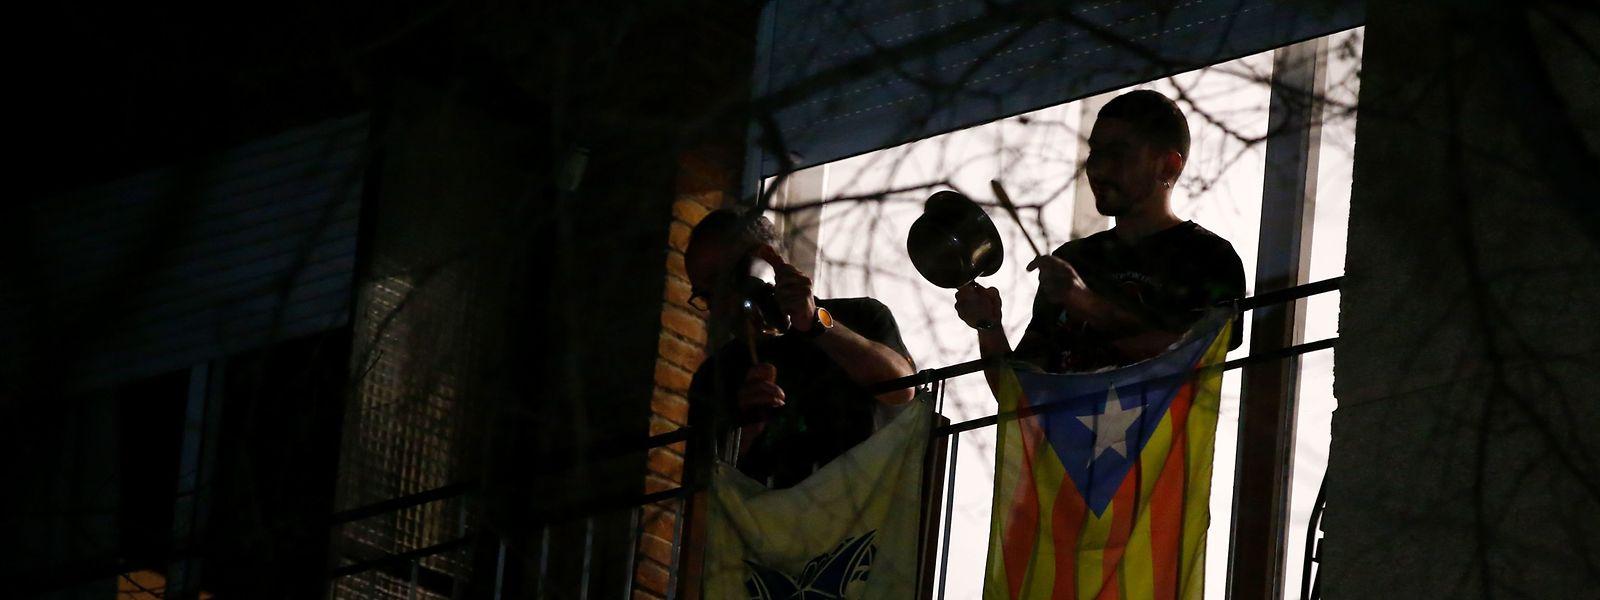 Spanier beim Radau-Protest auf ihrem Balkon.